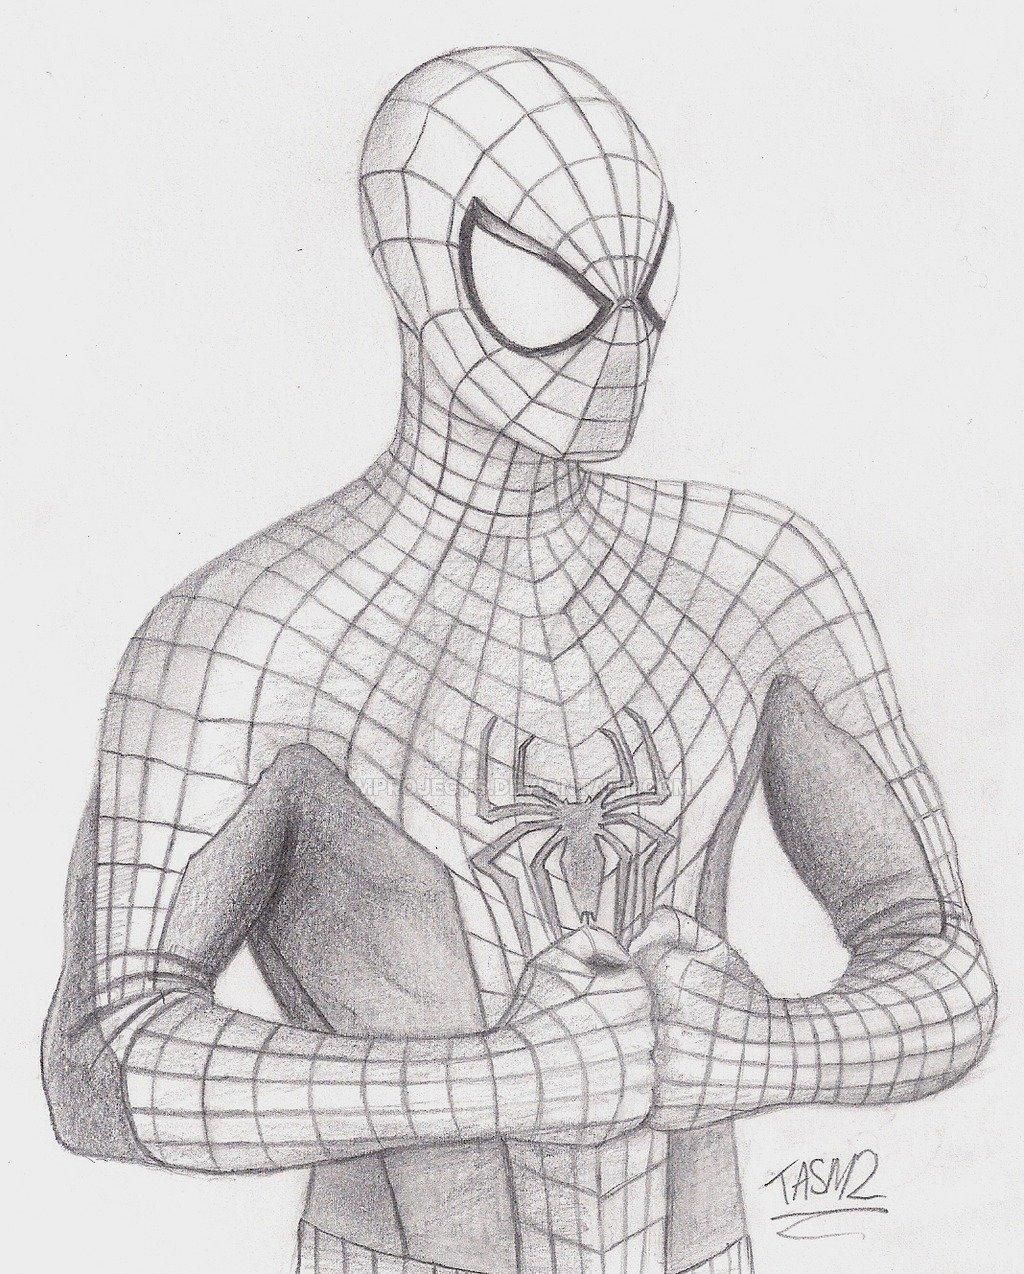 Как нарисовать картинку человека паука, внуком картинках